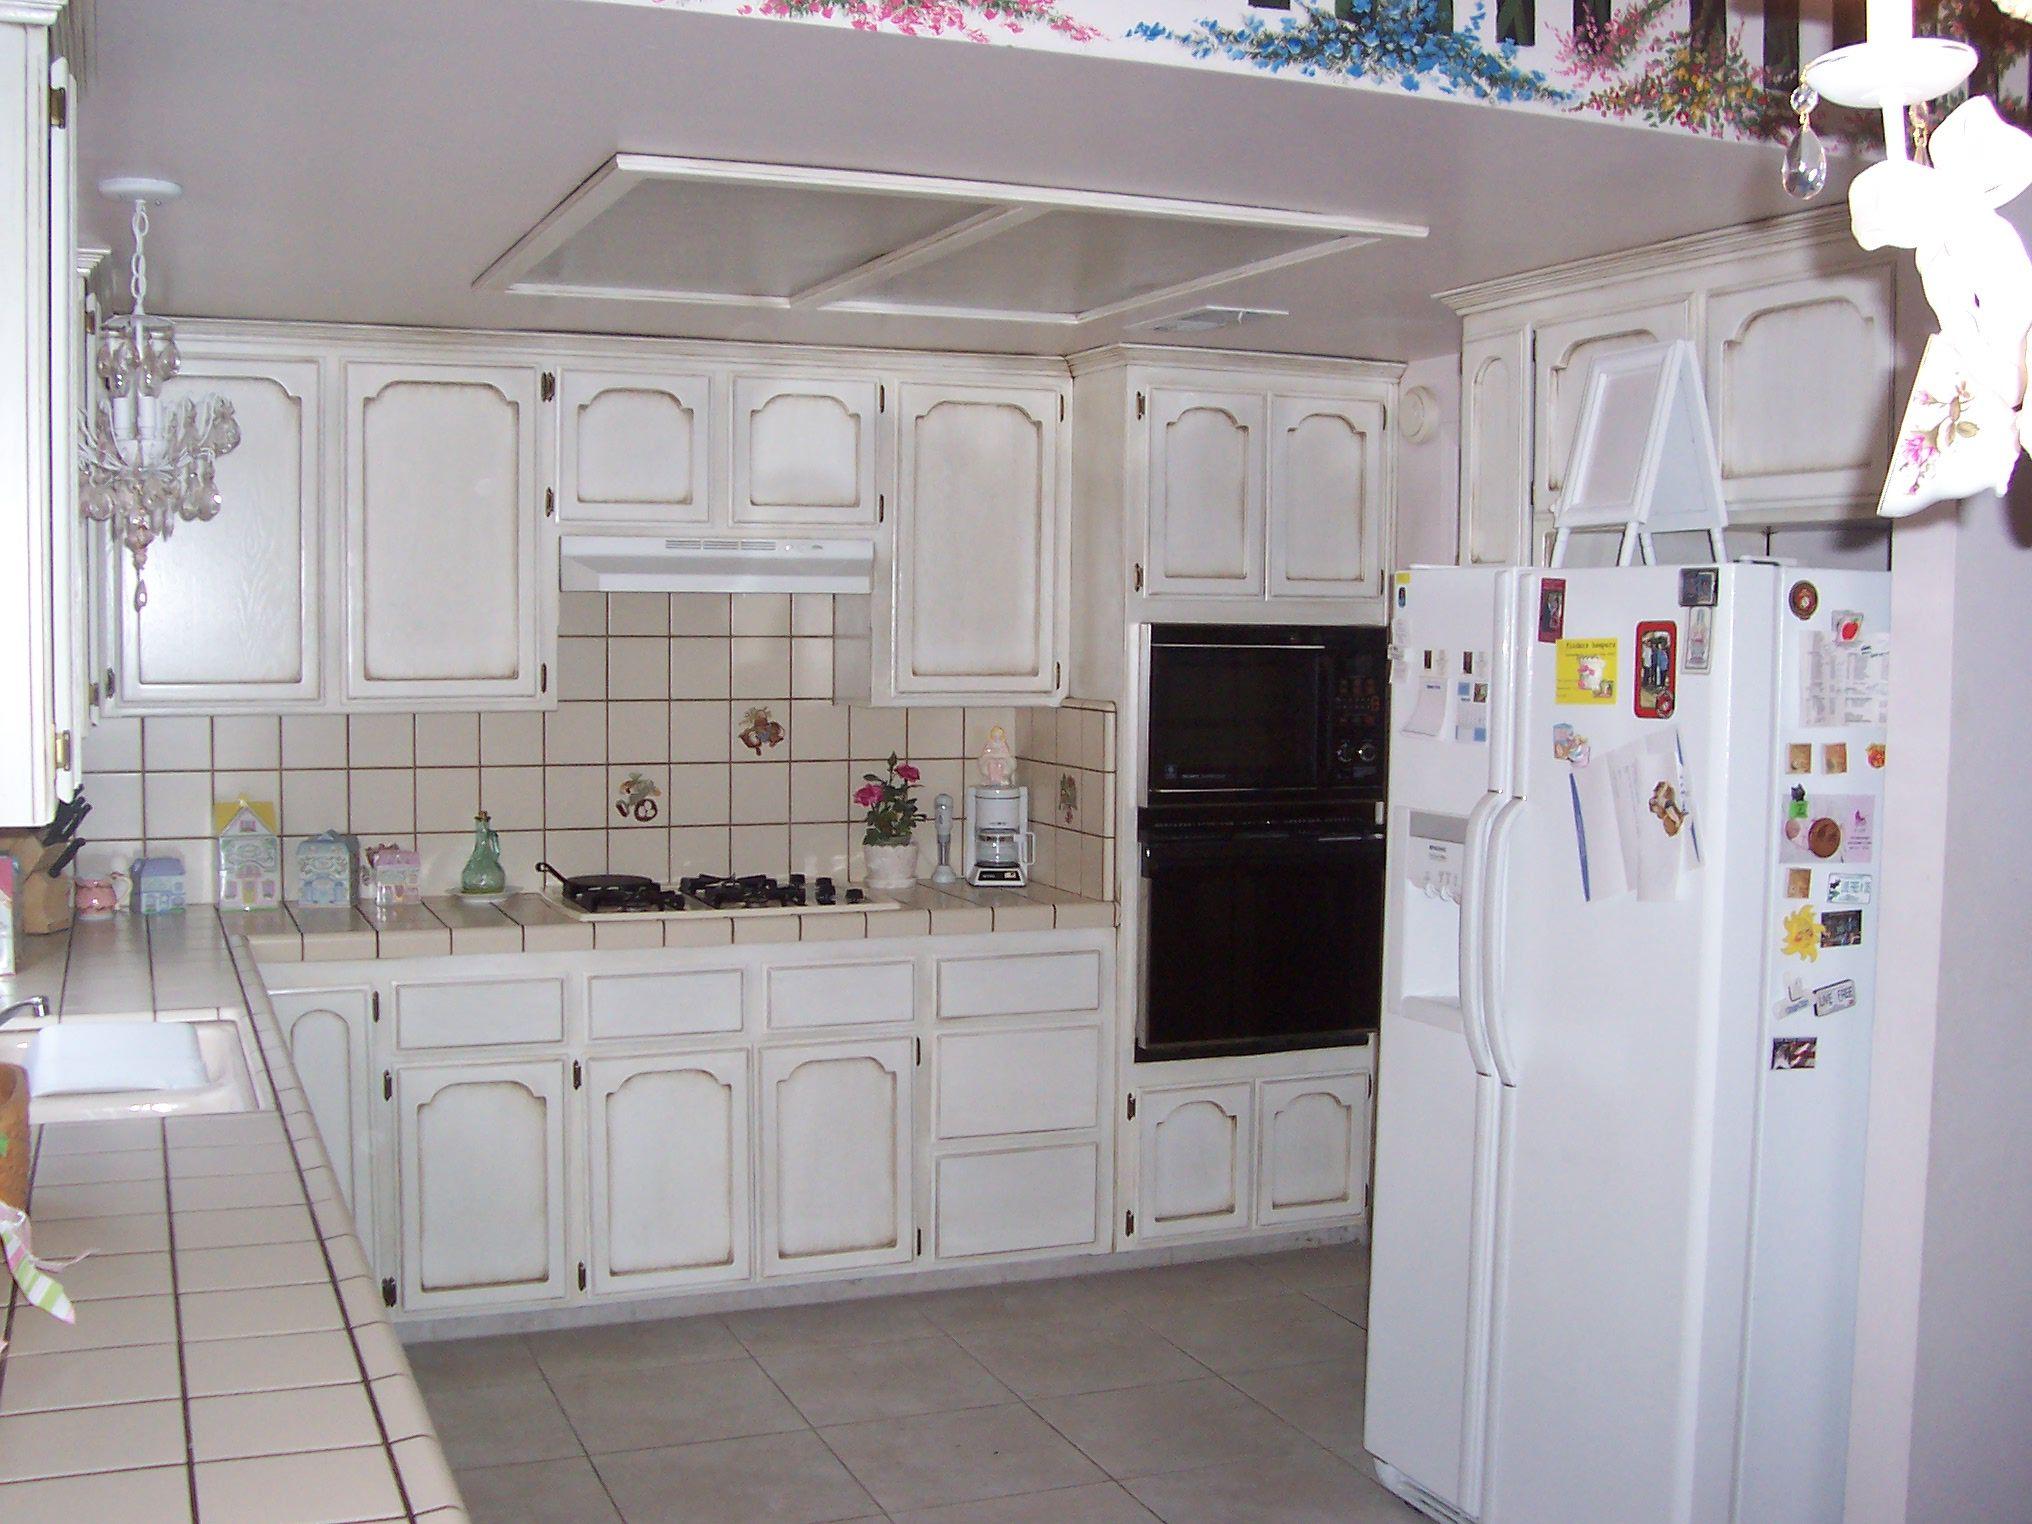 Atemberaubend Sysco Testküche Zeitgenössisch - Küchenschrank Ideen ...